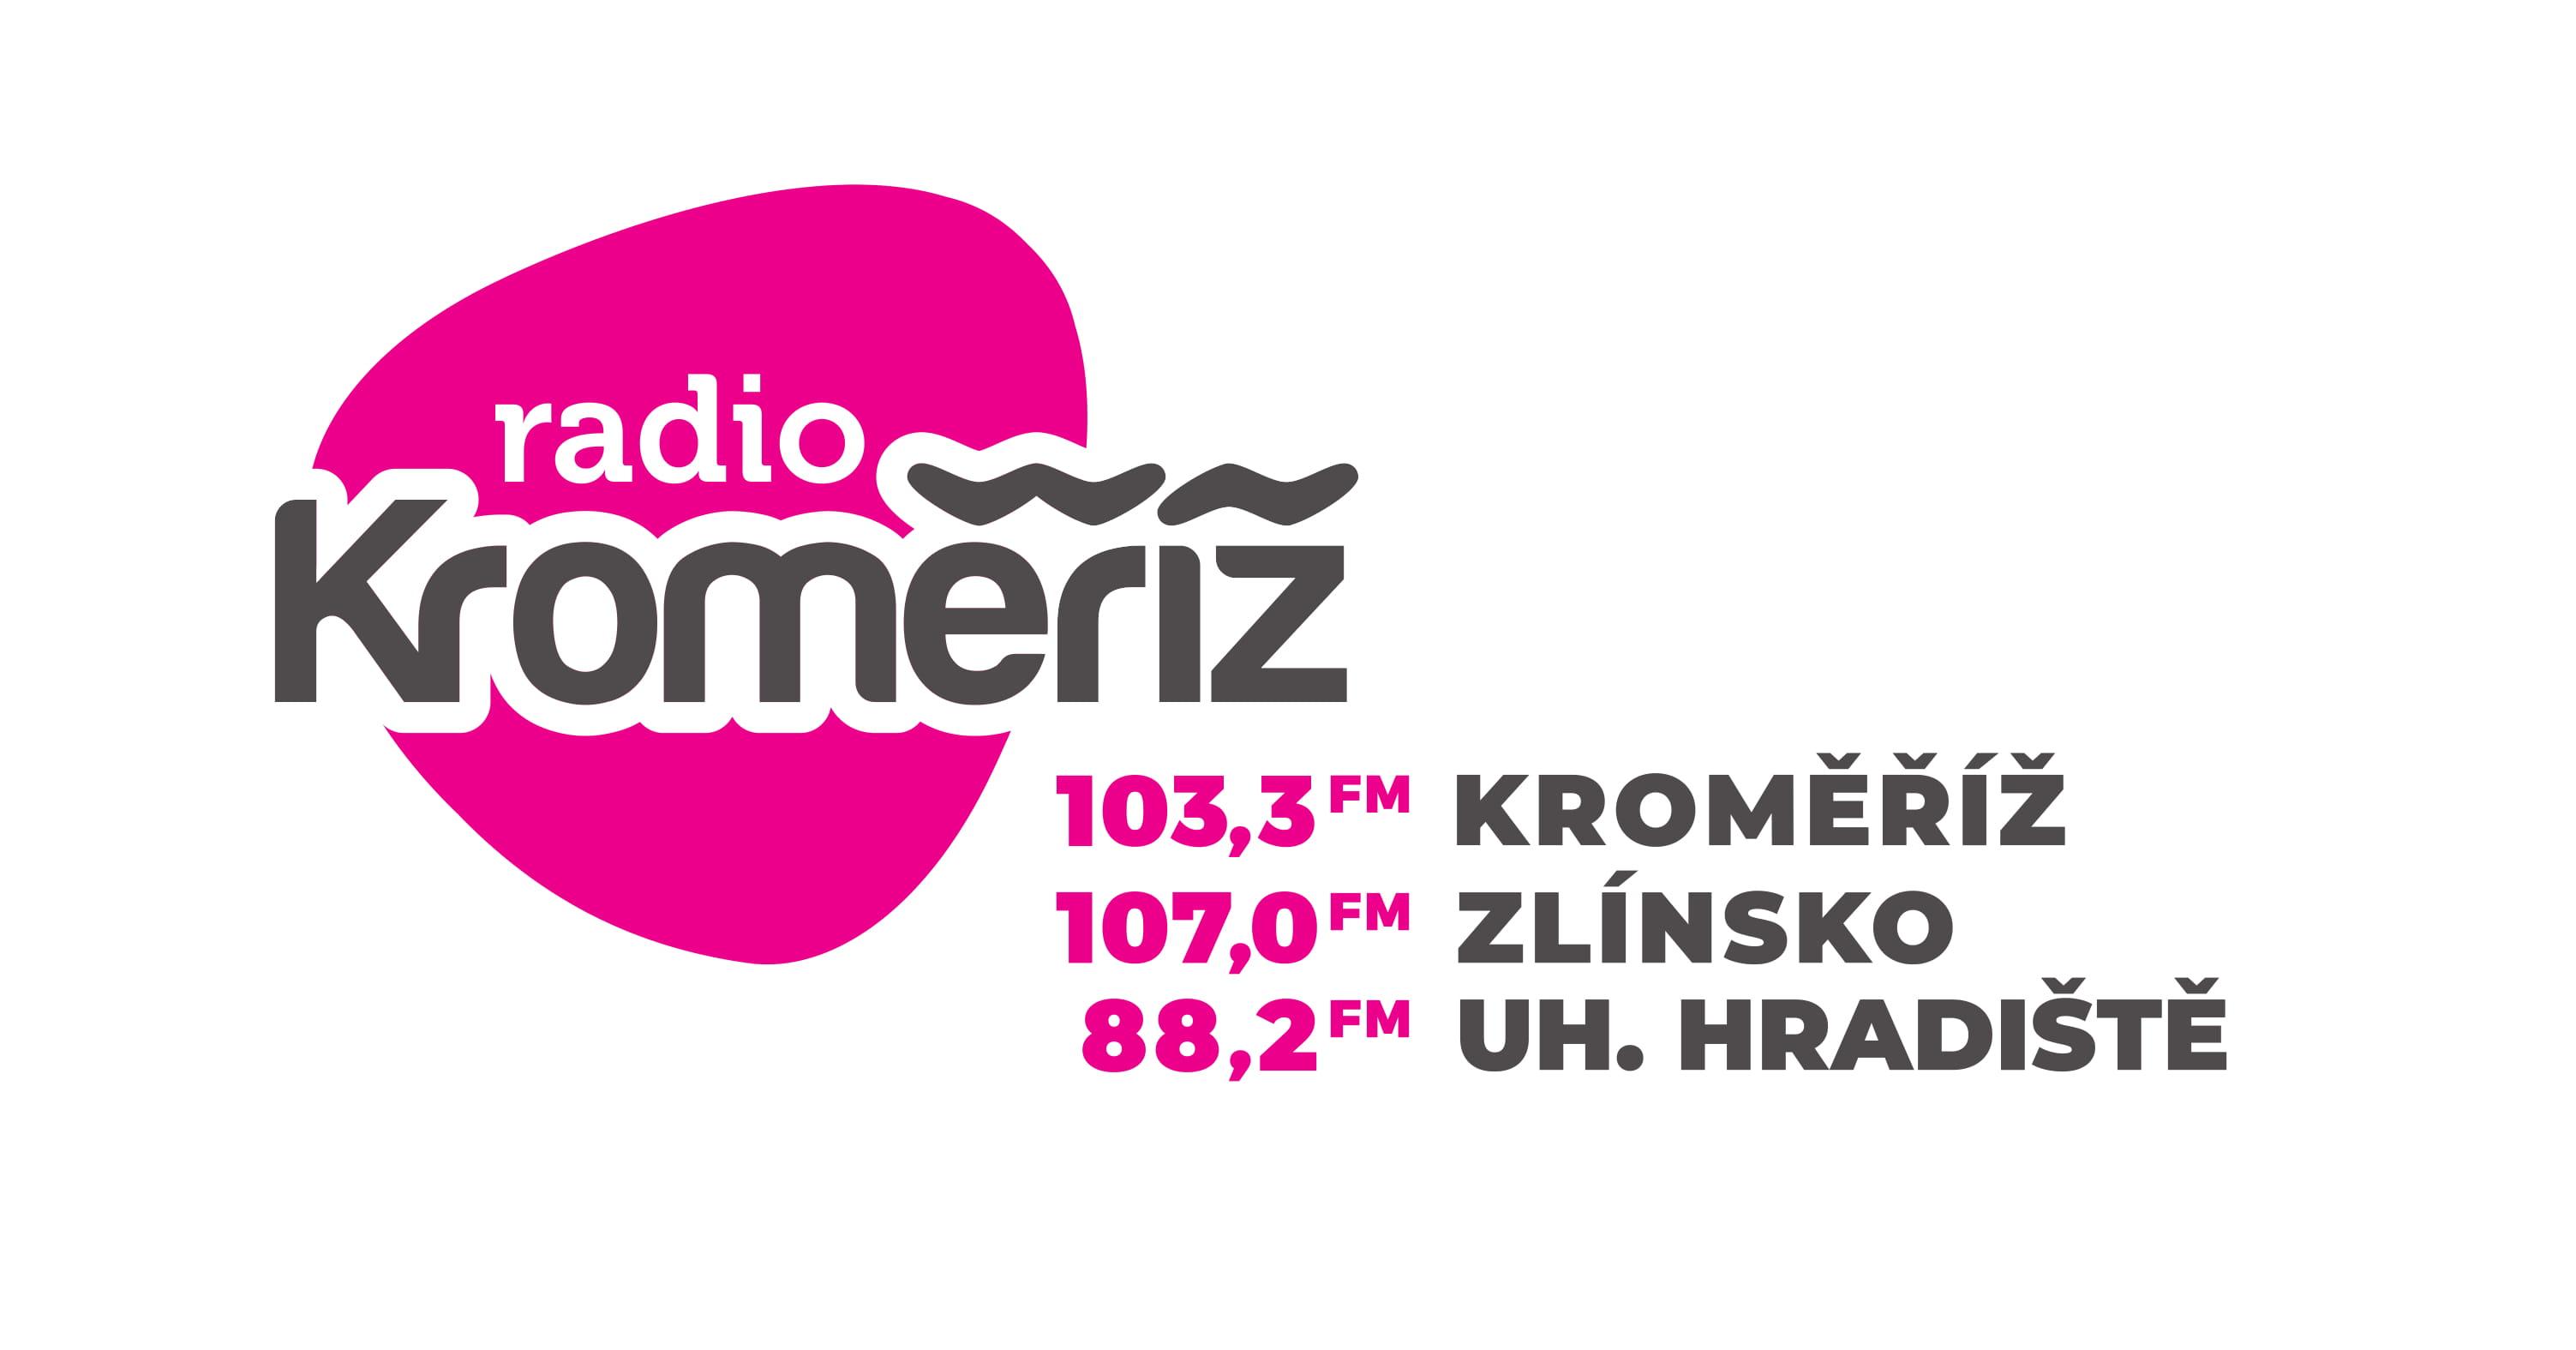 radiokromeriz.cz